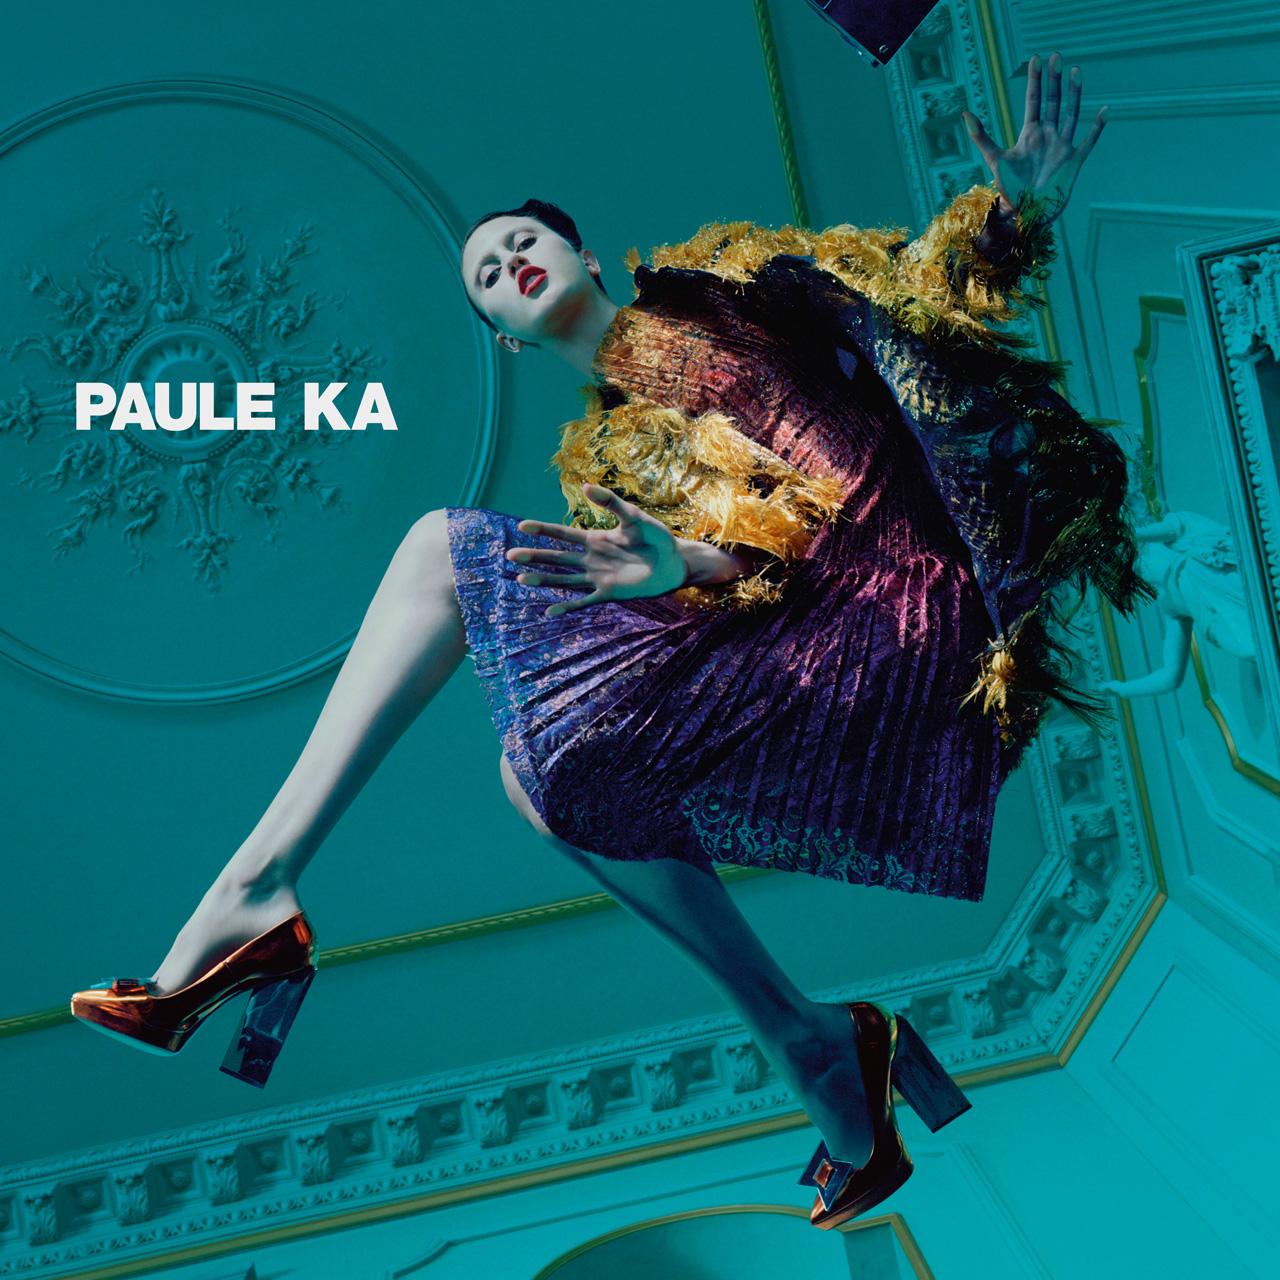 Paule K